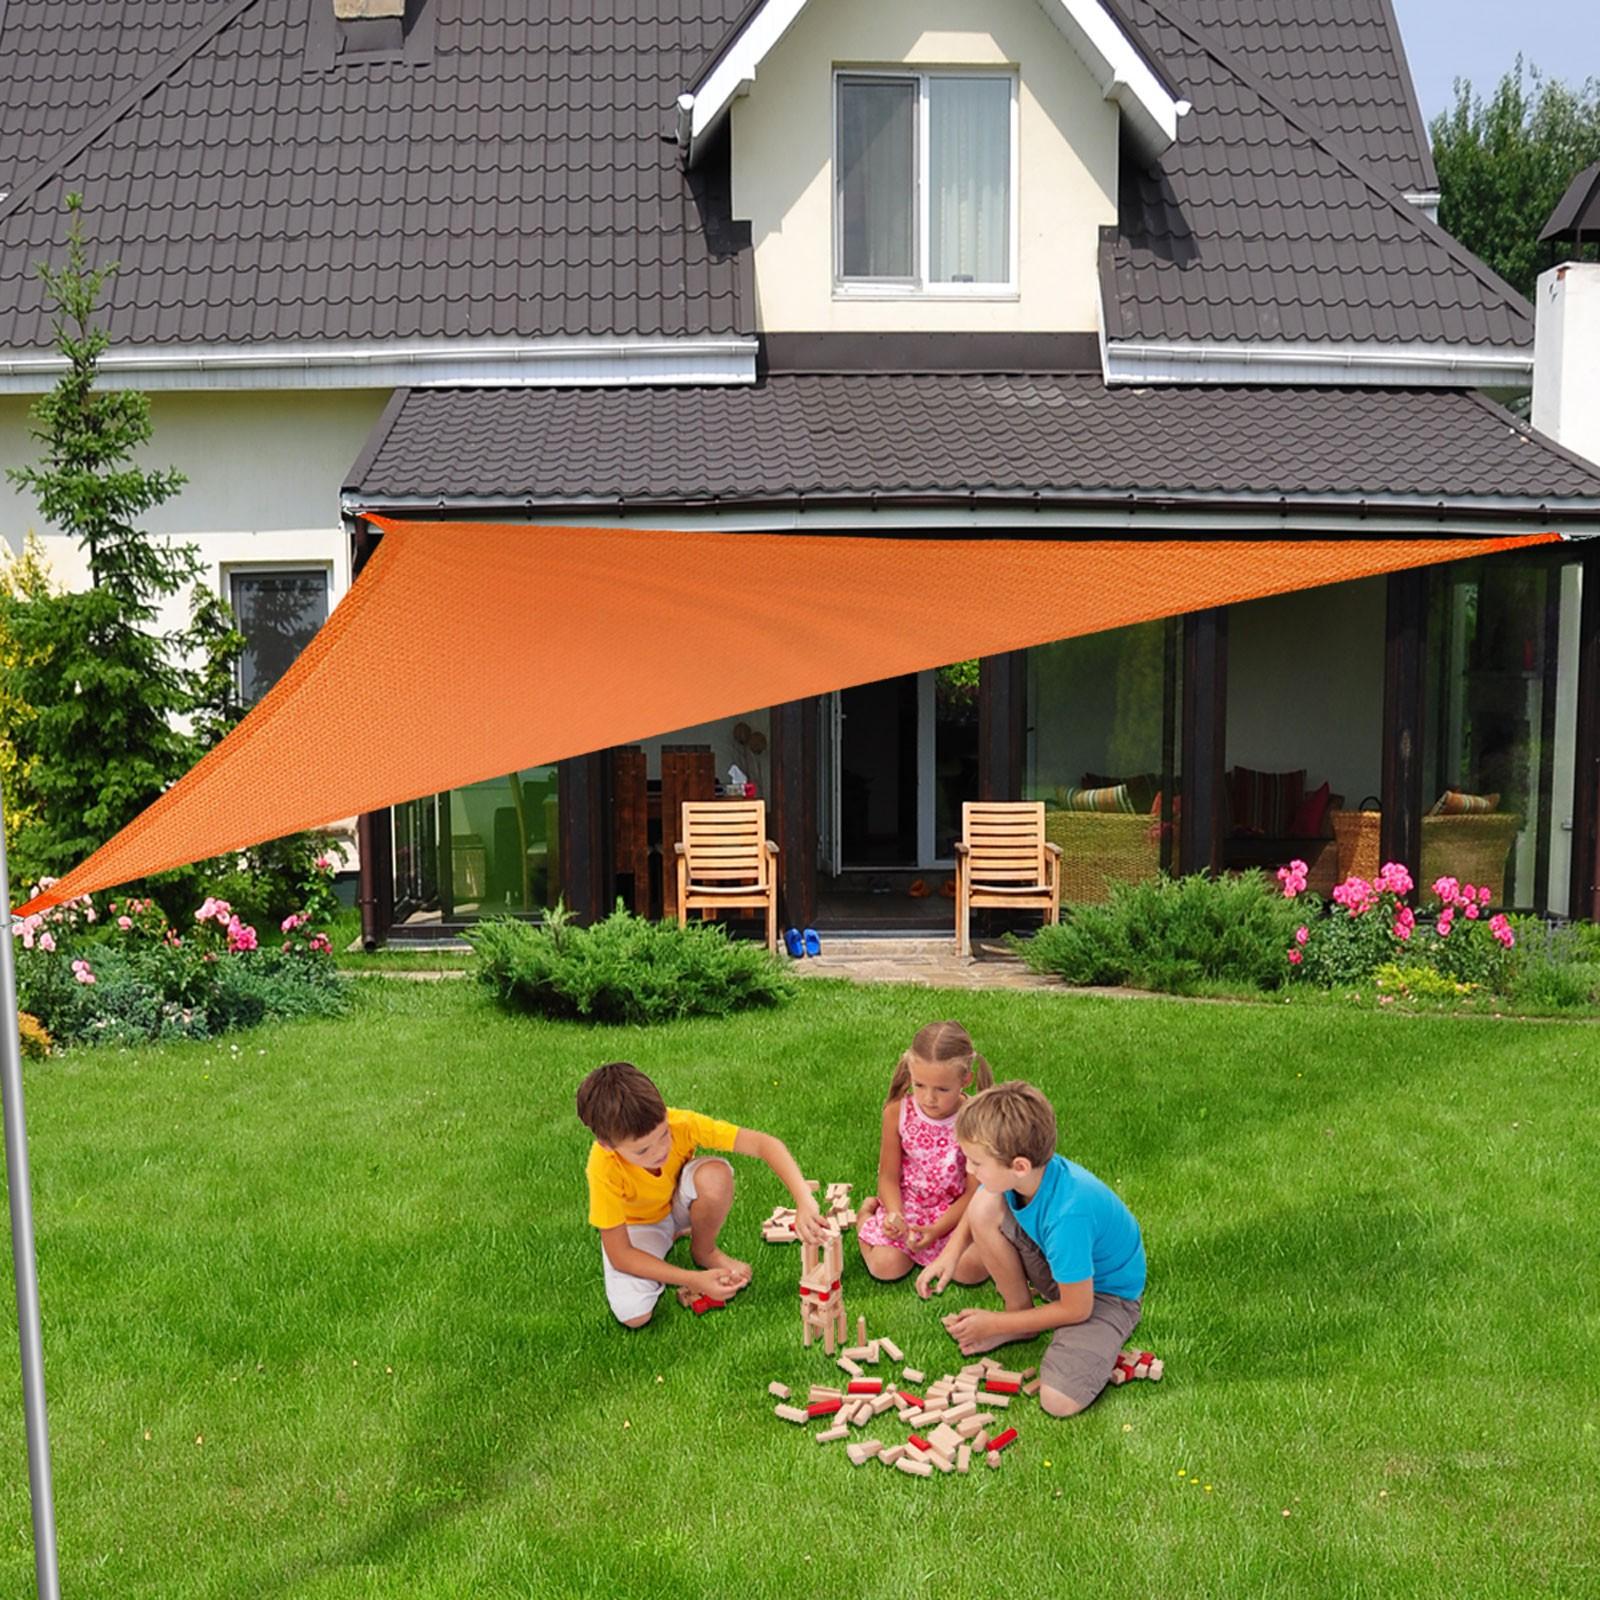 Toiles D'ombrage Triangle - Vous Protège Des Uv Et De La Pluie intérieur Toile Triangle Jardin